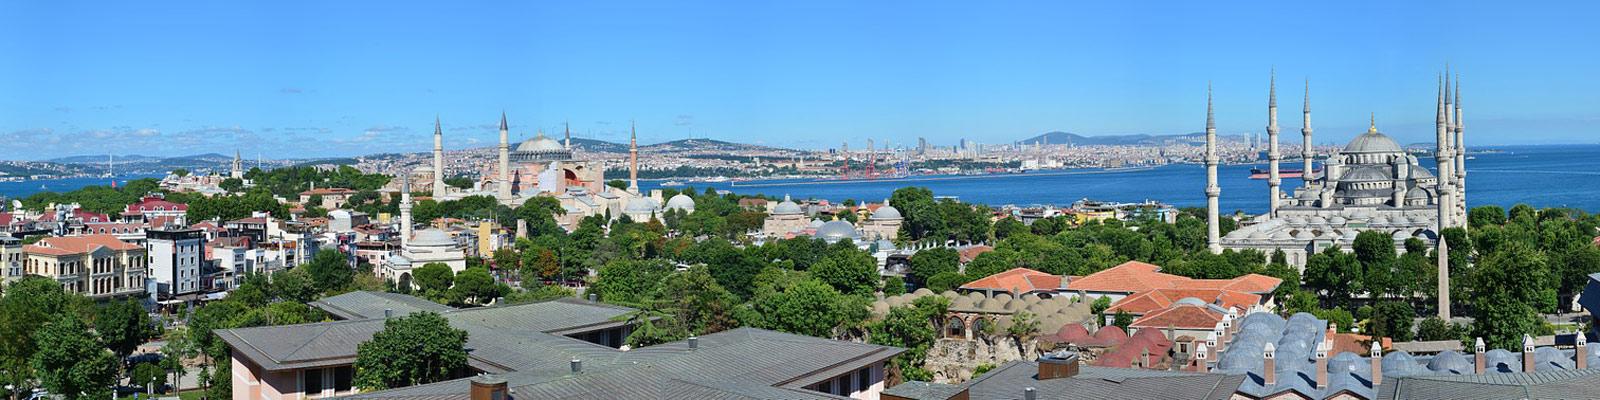 Istanbul Teknik Universitesi